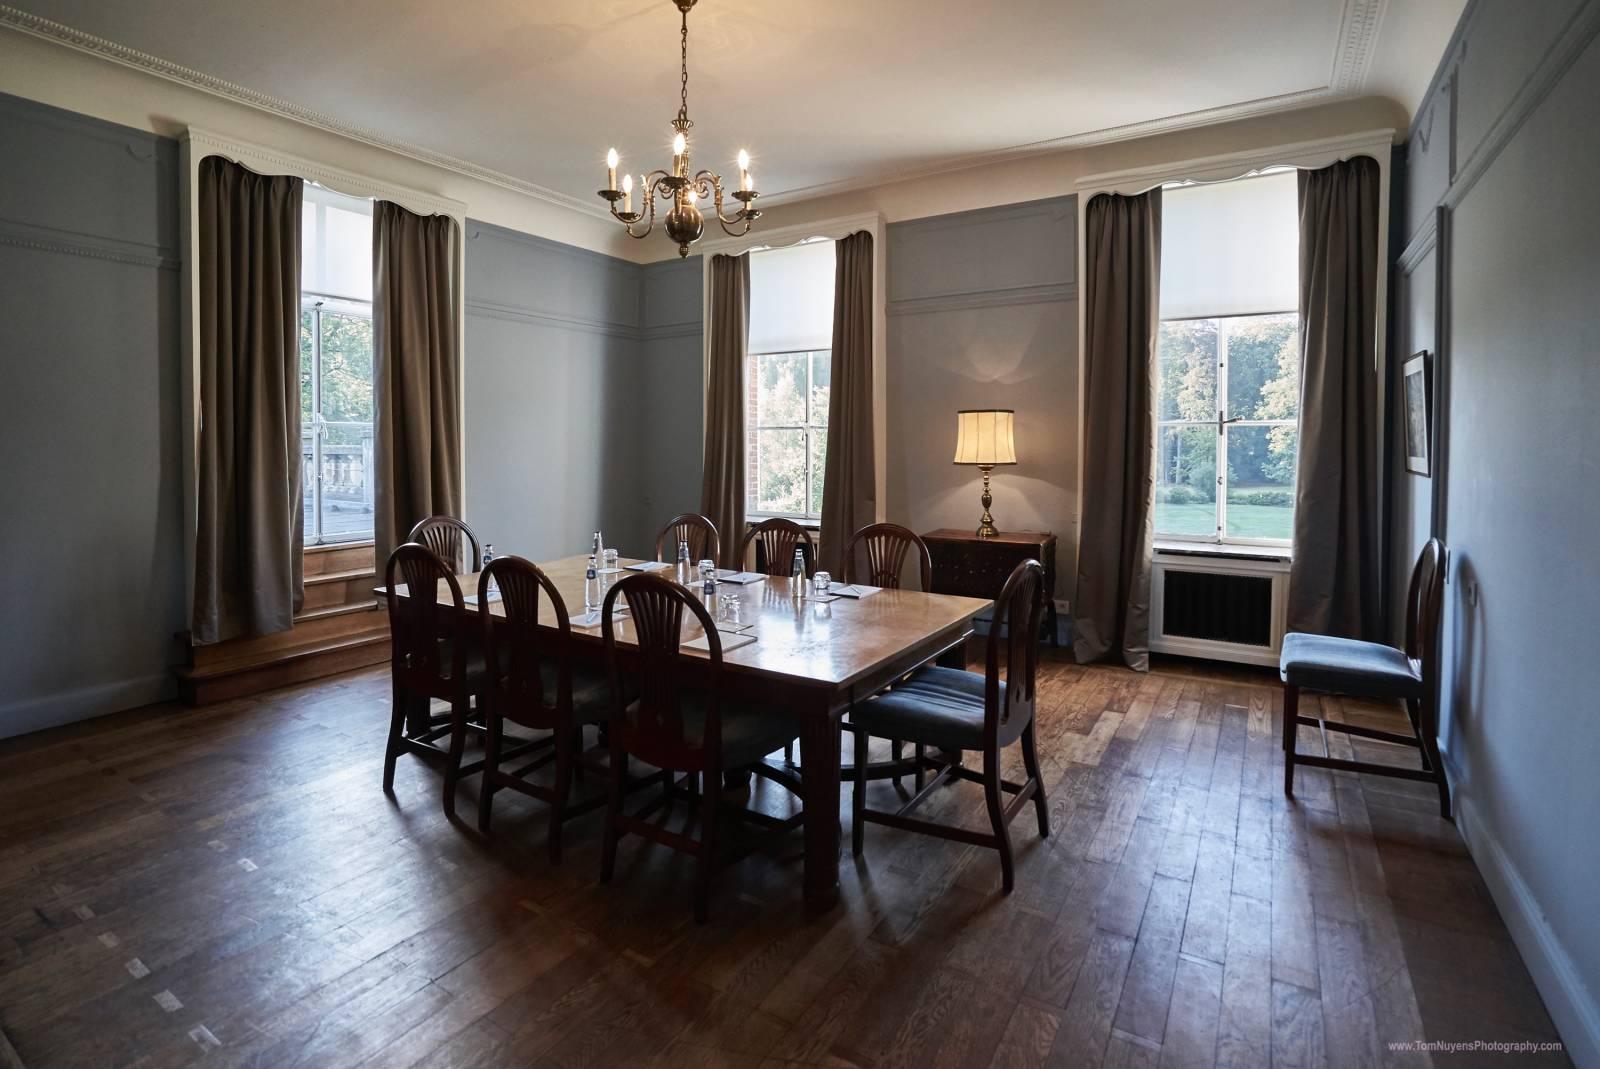 Wolvenbos - Feestzaal - Feestlocatie - Kapellen (Antwerpen) - House of Events - 9